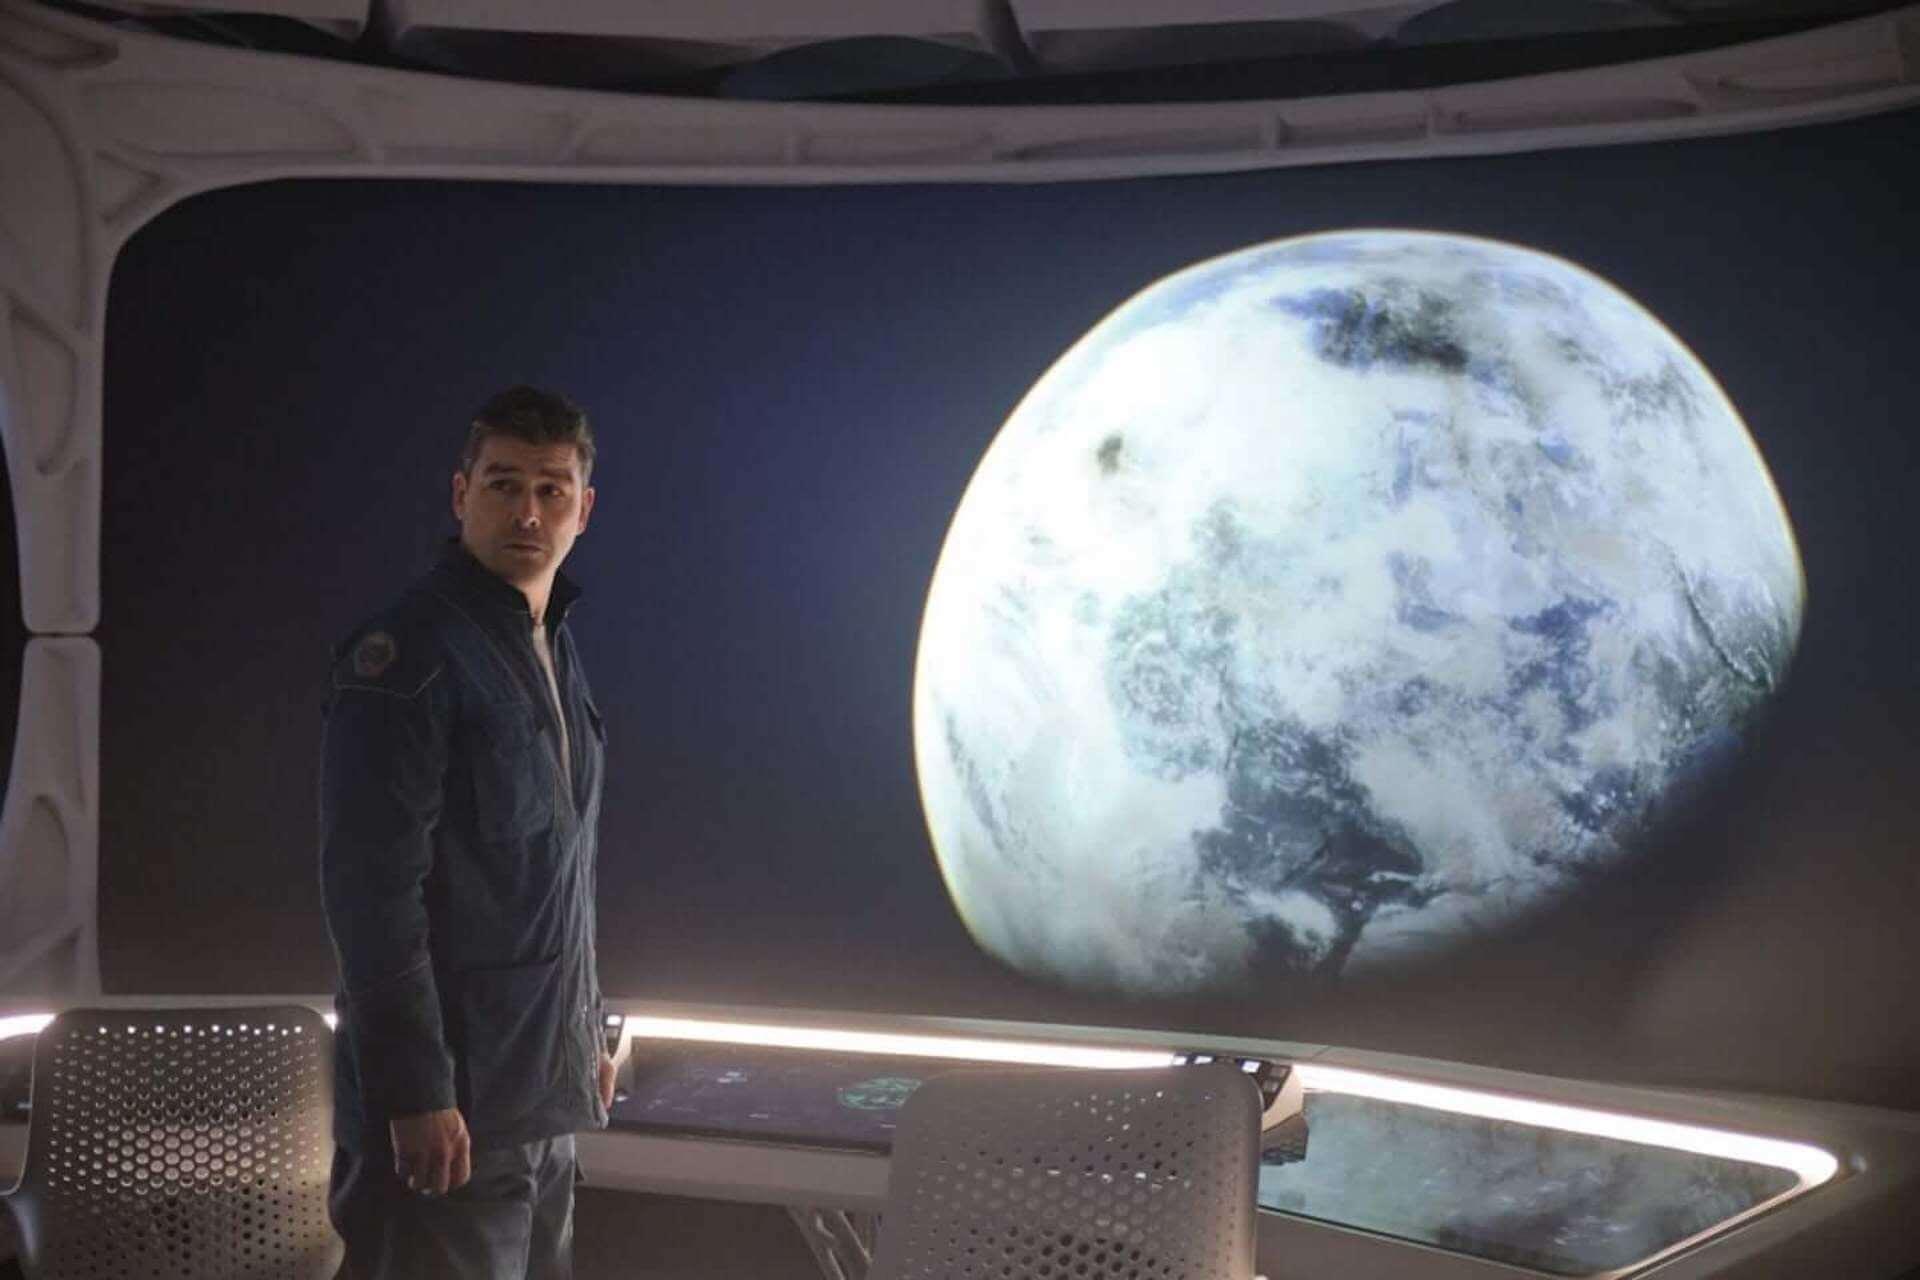 ジョージ・クルーニーが「危険な撮影だった」と語る氷上でのスタントとは…Netflix映画『ミッドナイト・スカイ』本編映像が解禁 film201221_midnightsky_5-1920x1280